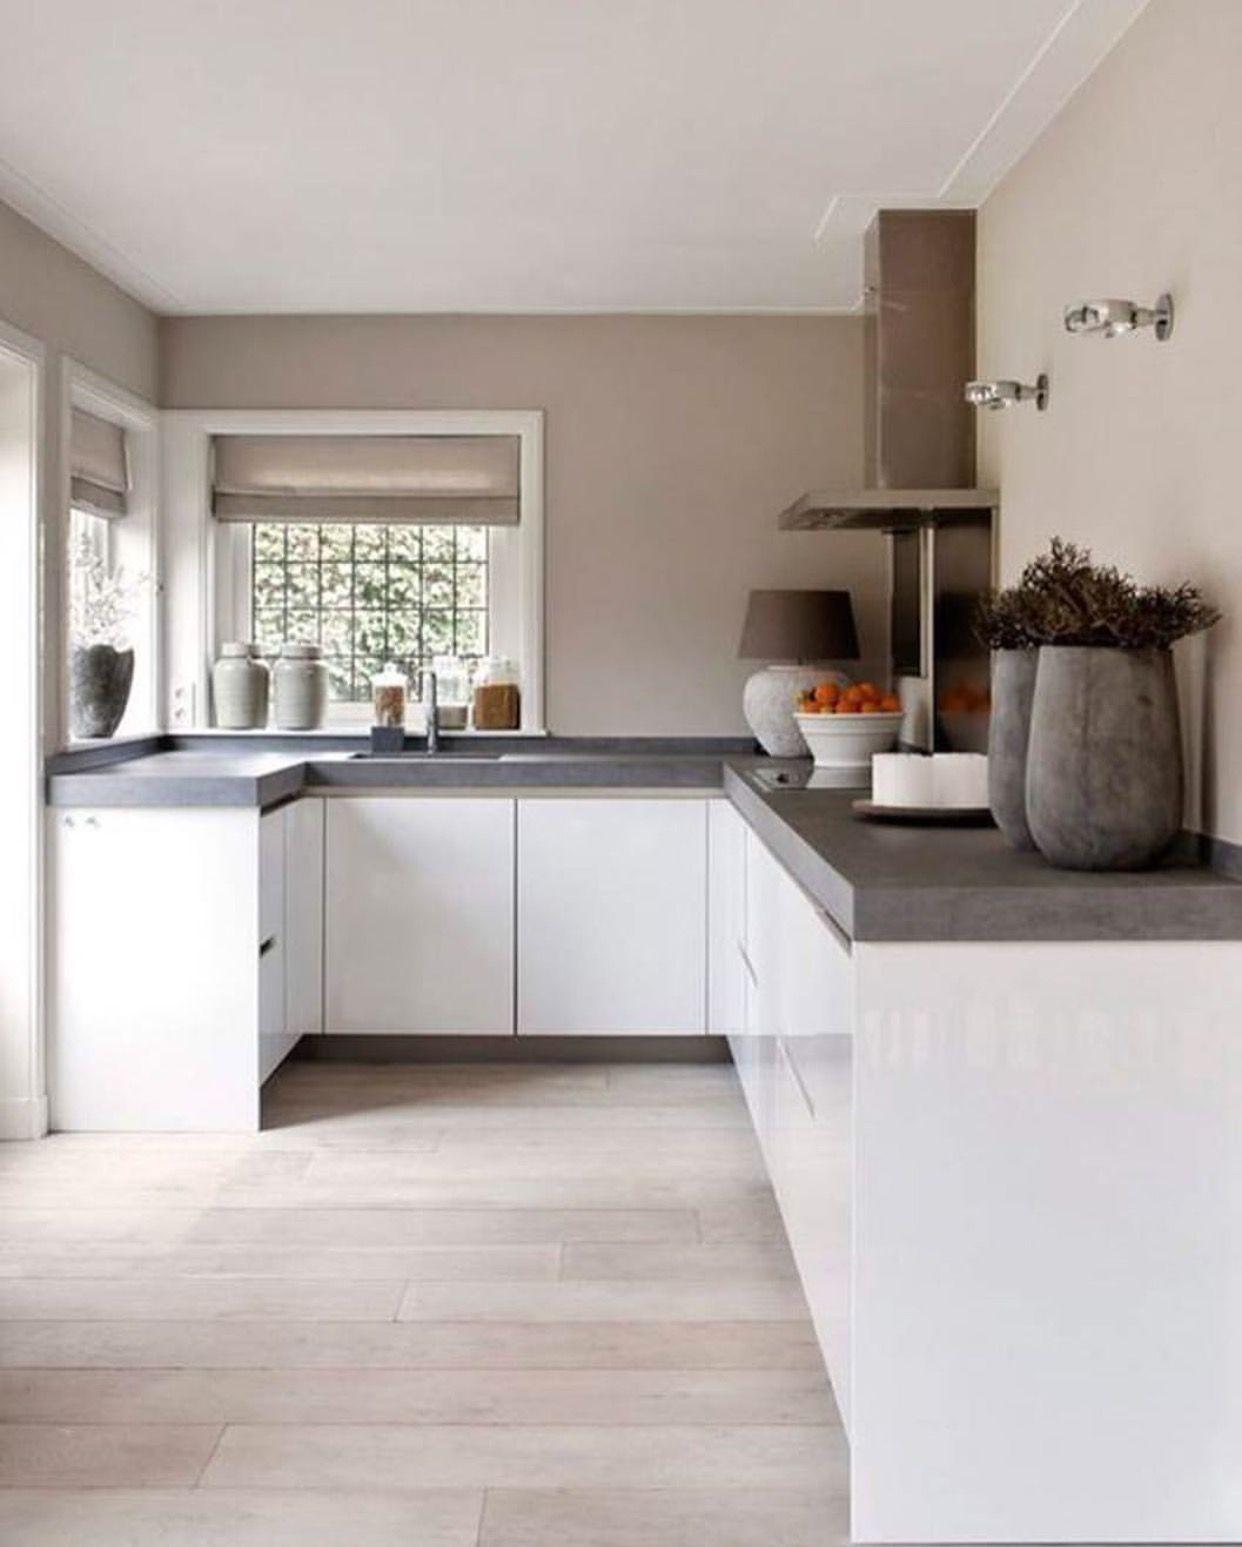 Küchenschränke für kleine küchen pin von luca sophie auf küche  pinterest  offene küche küchen